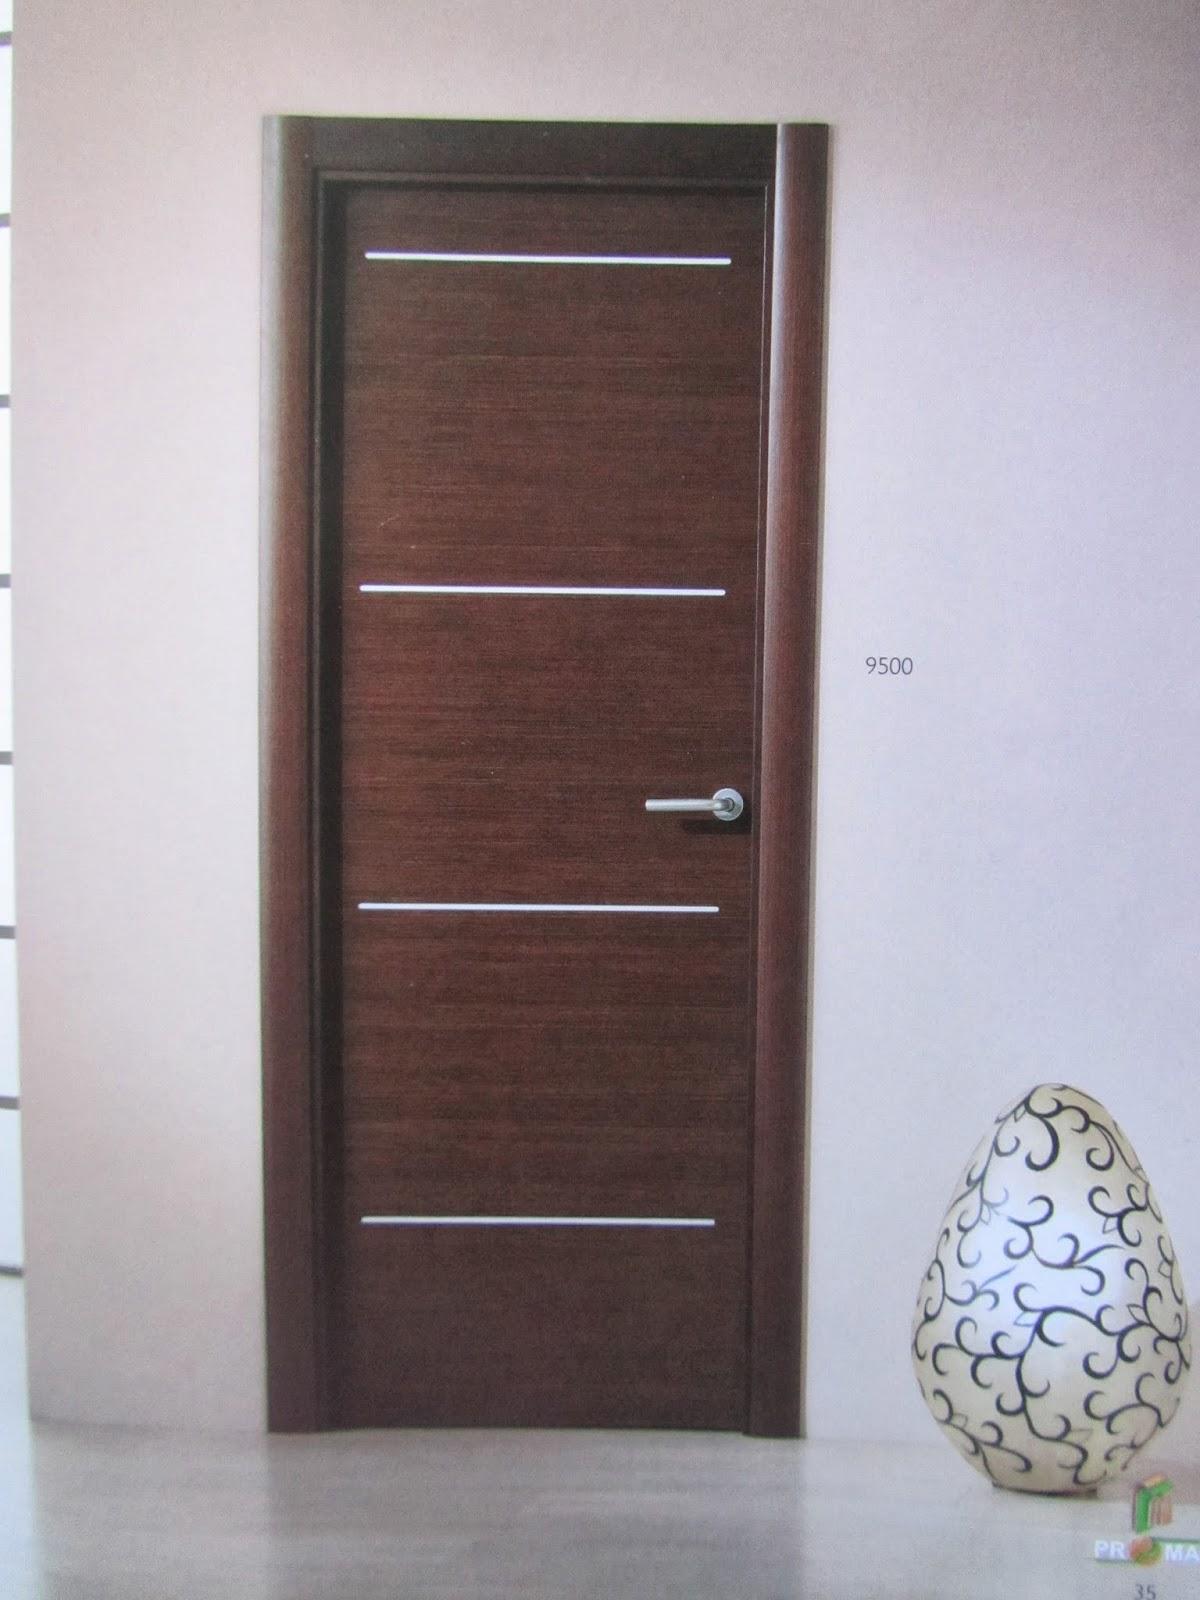 Puertas lozano puertas de interior for Colores para pintar puertas de interior